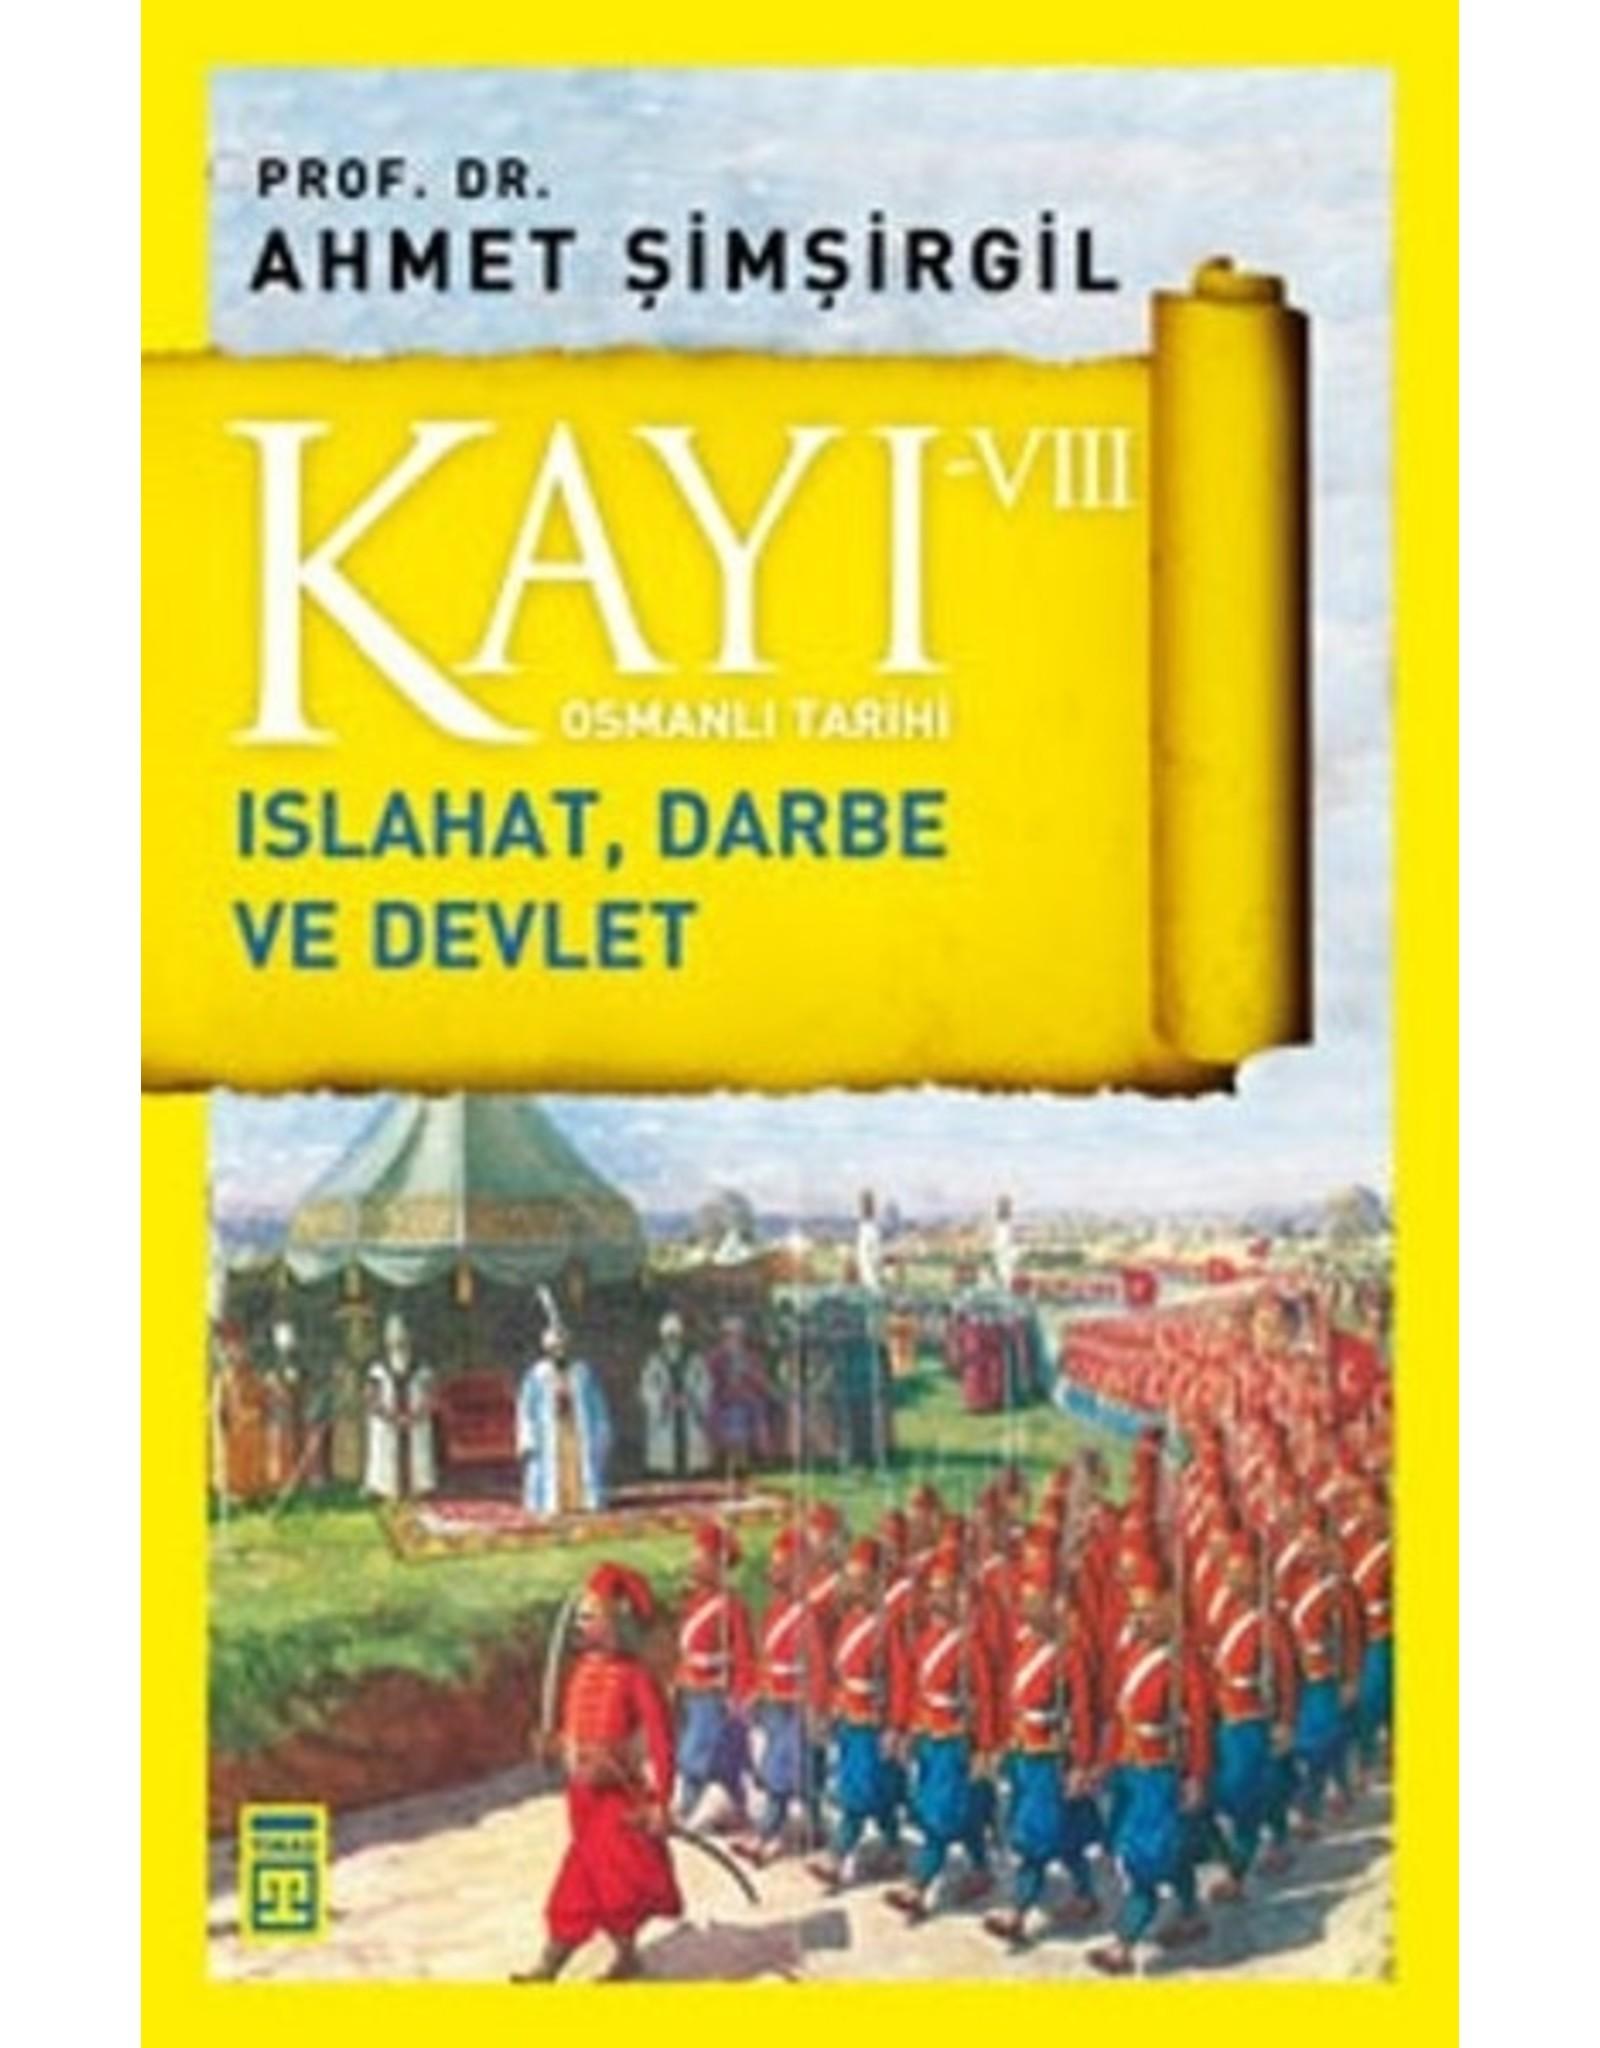 Ahmet Şimşirgil Kayı 8 - Osmanlı Tarihi / Islahat, Darbe ve Devlet